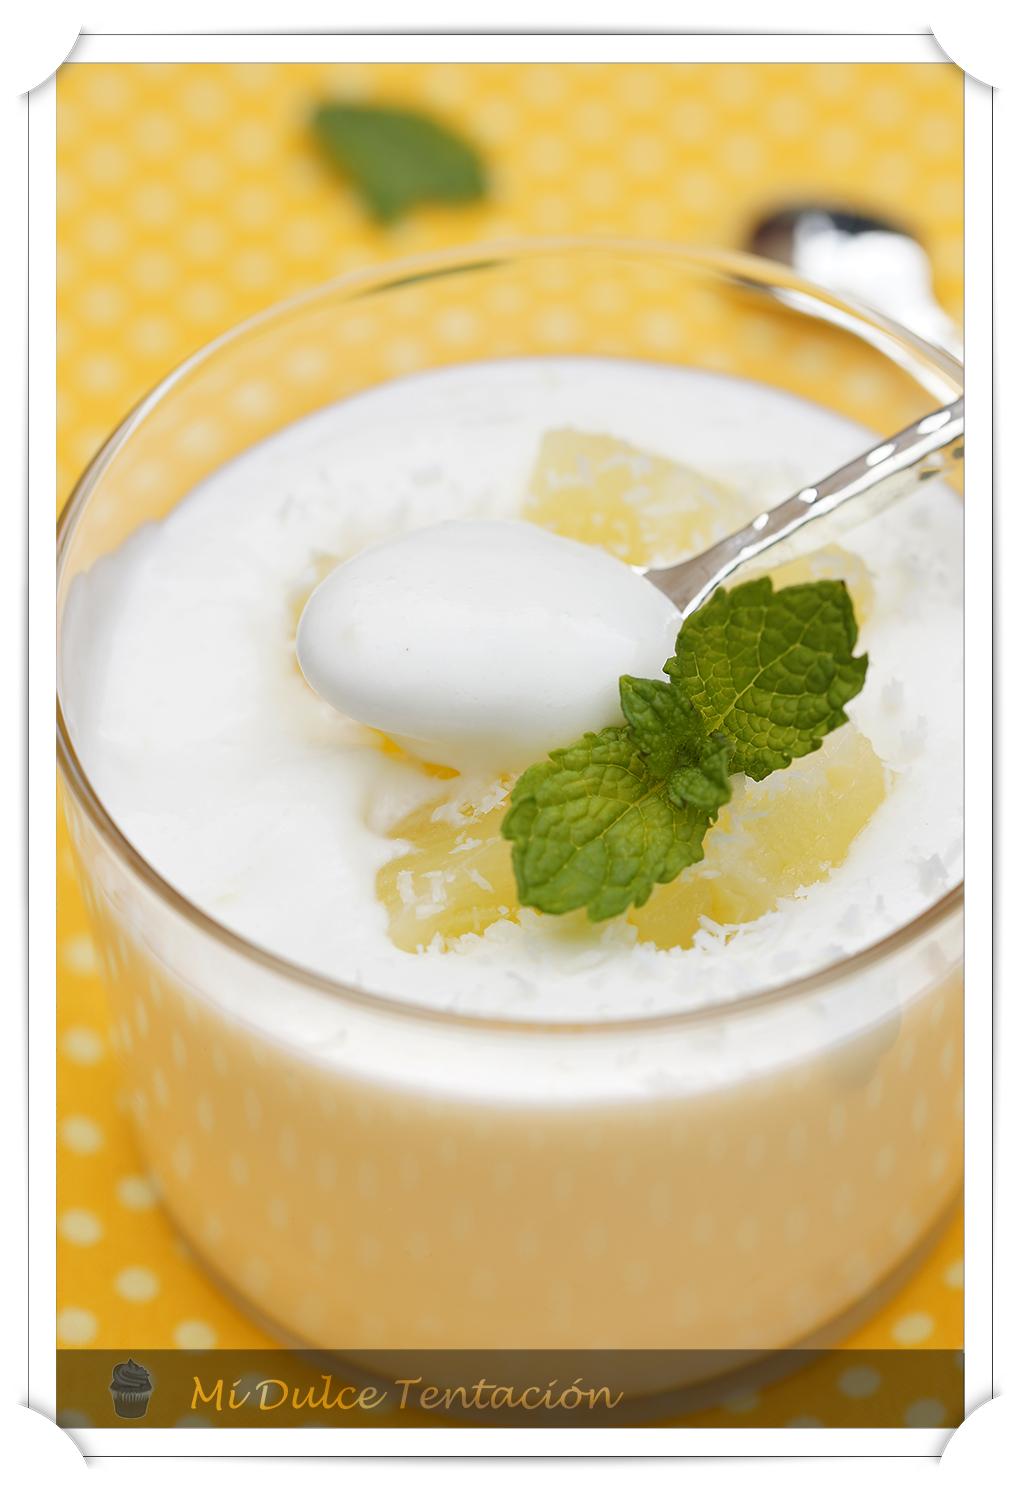 Mi dulce tentaci n mousse de yoghourt con pi a y coco - Mouse de yogurt ...